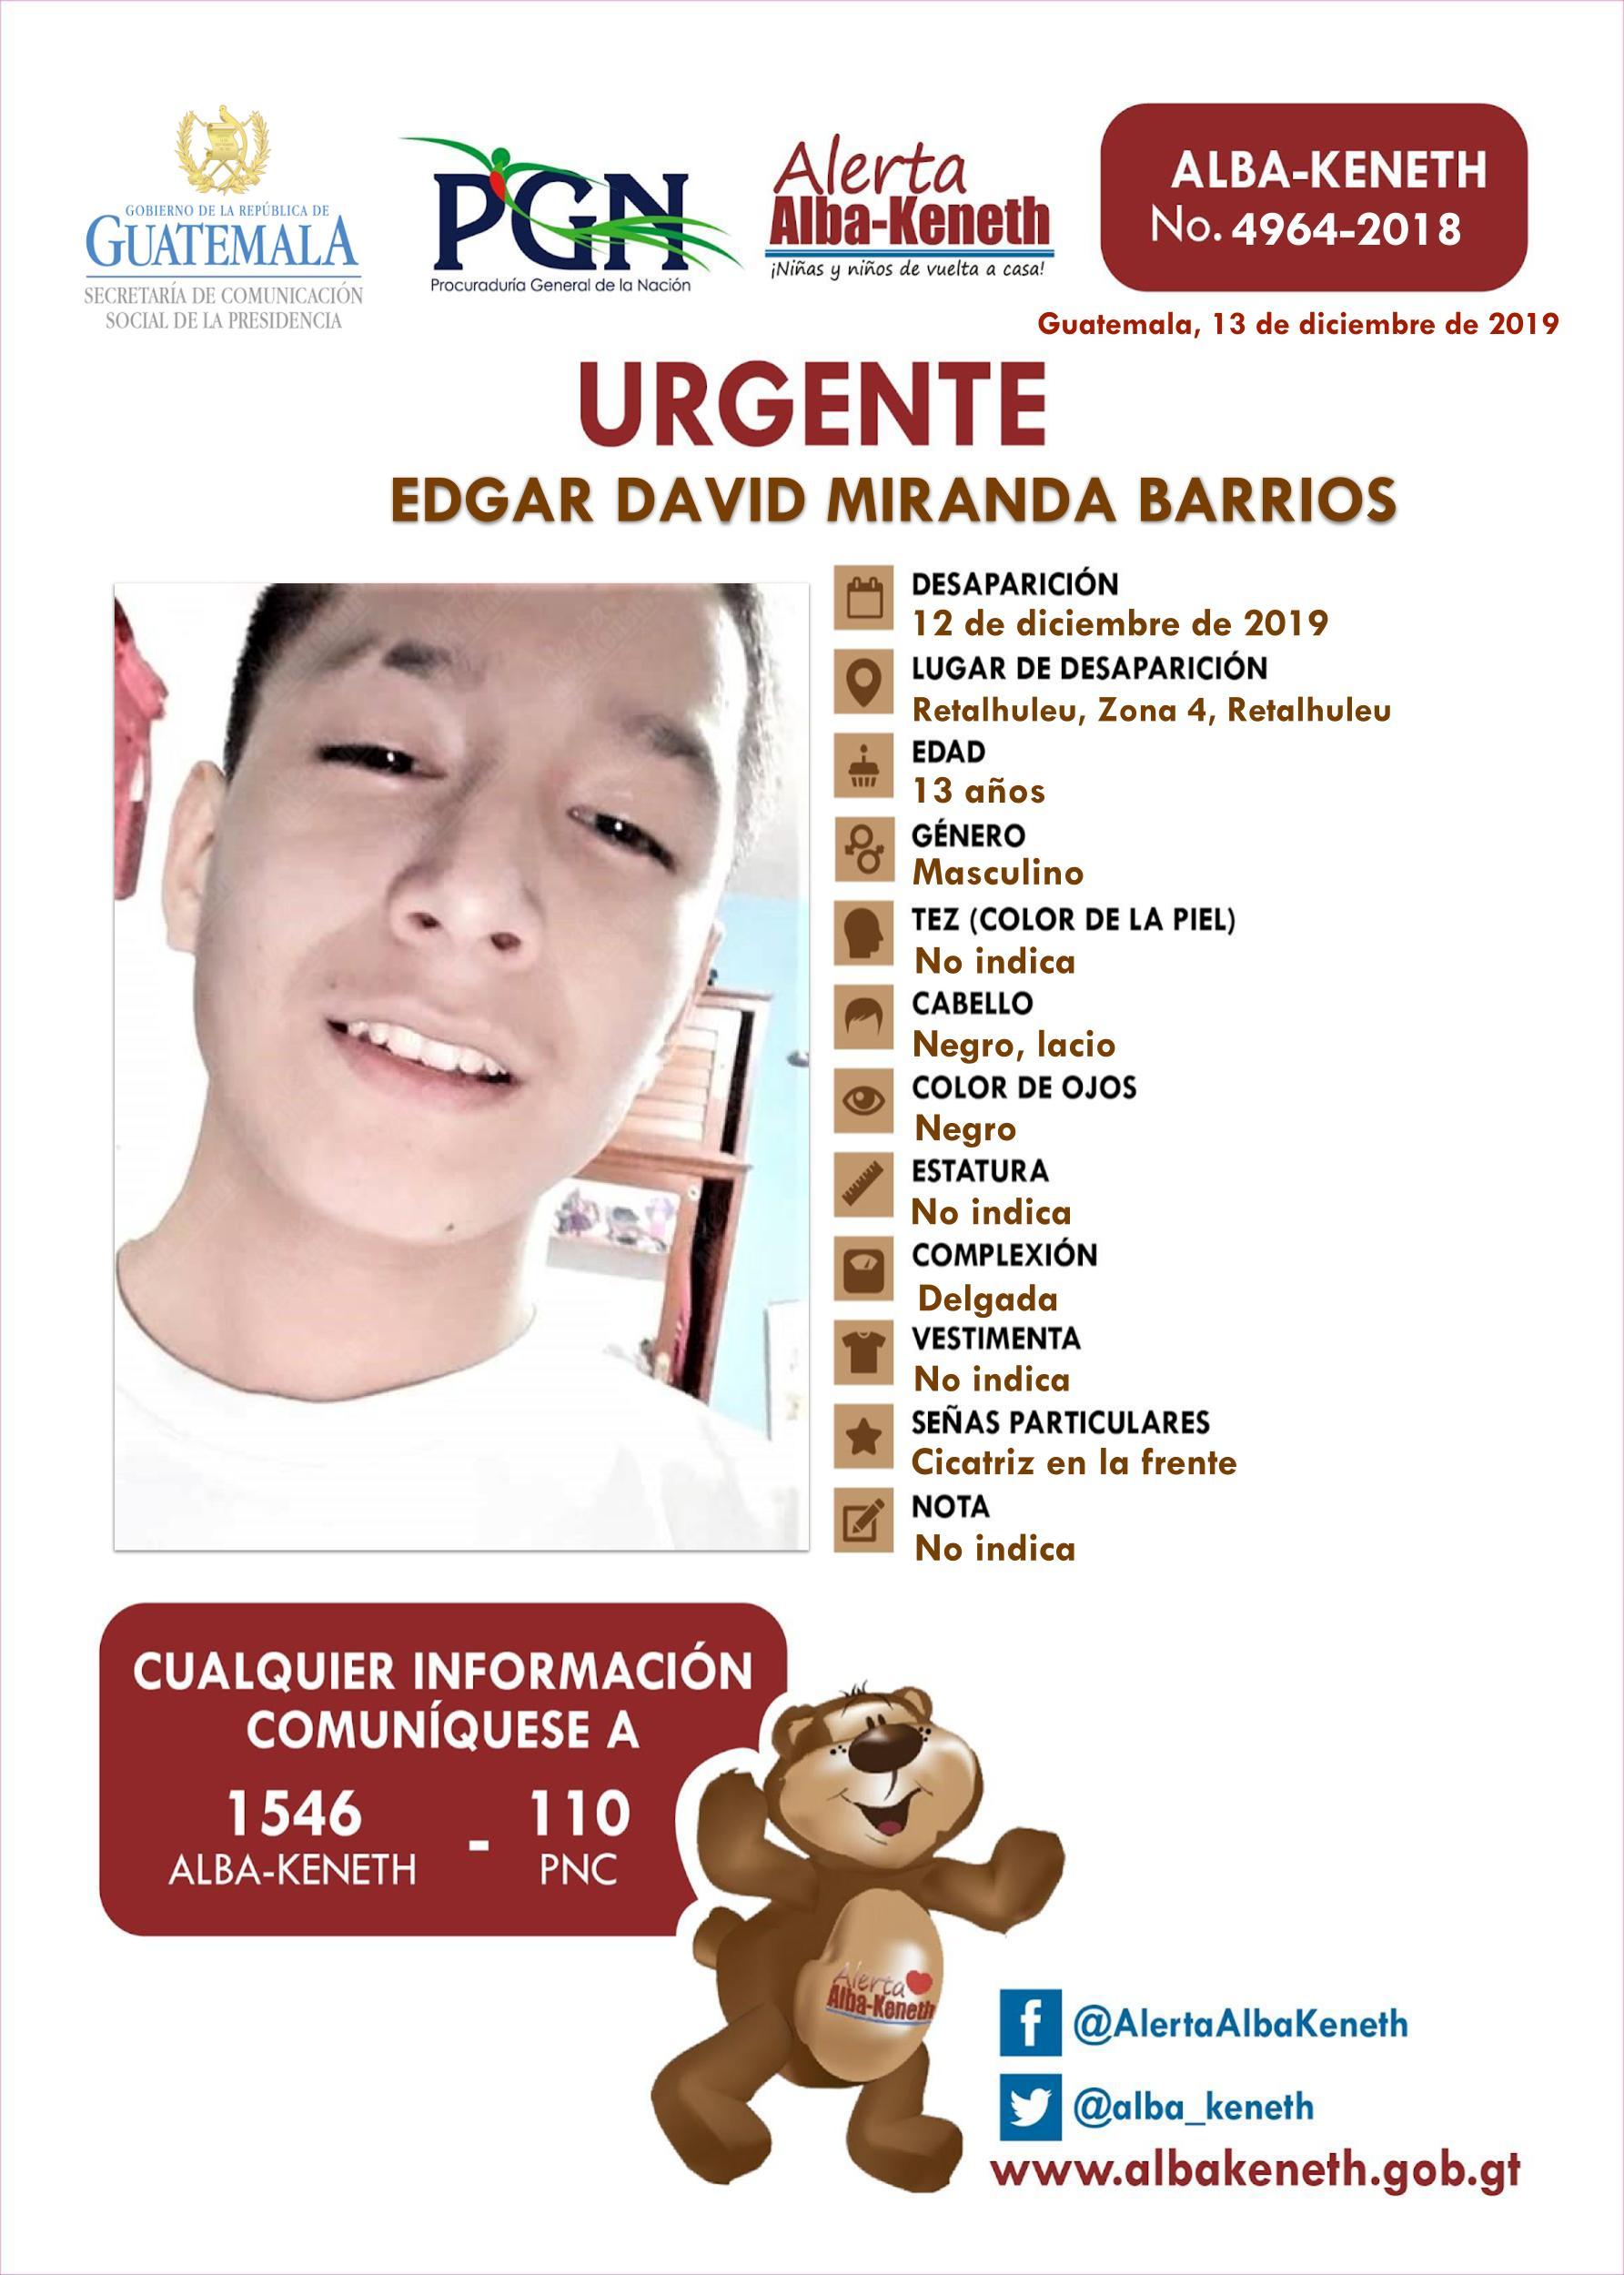 Edgar David Miranda Barrios